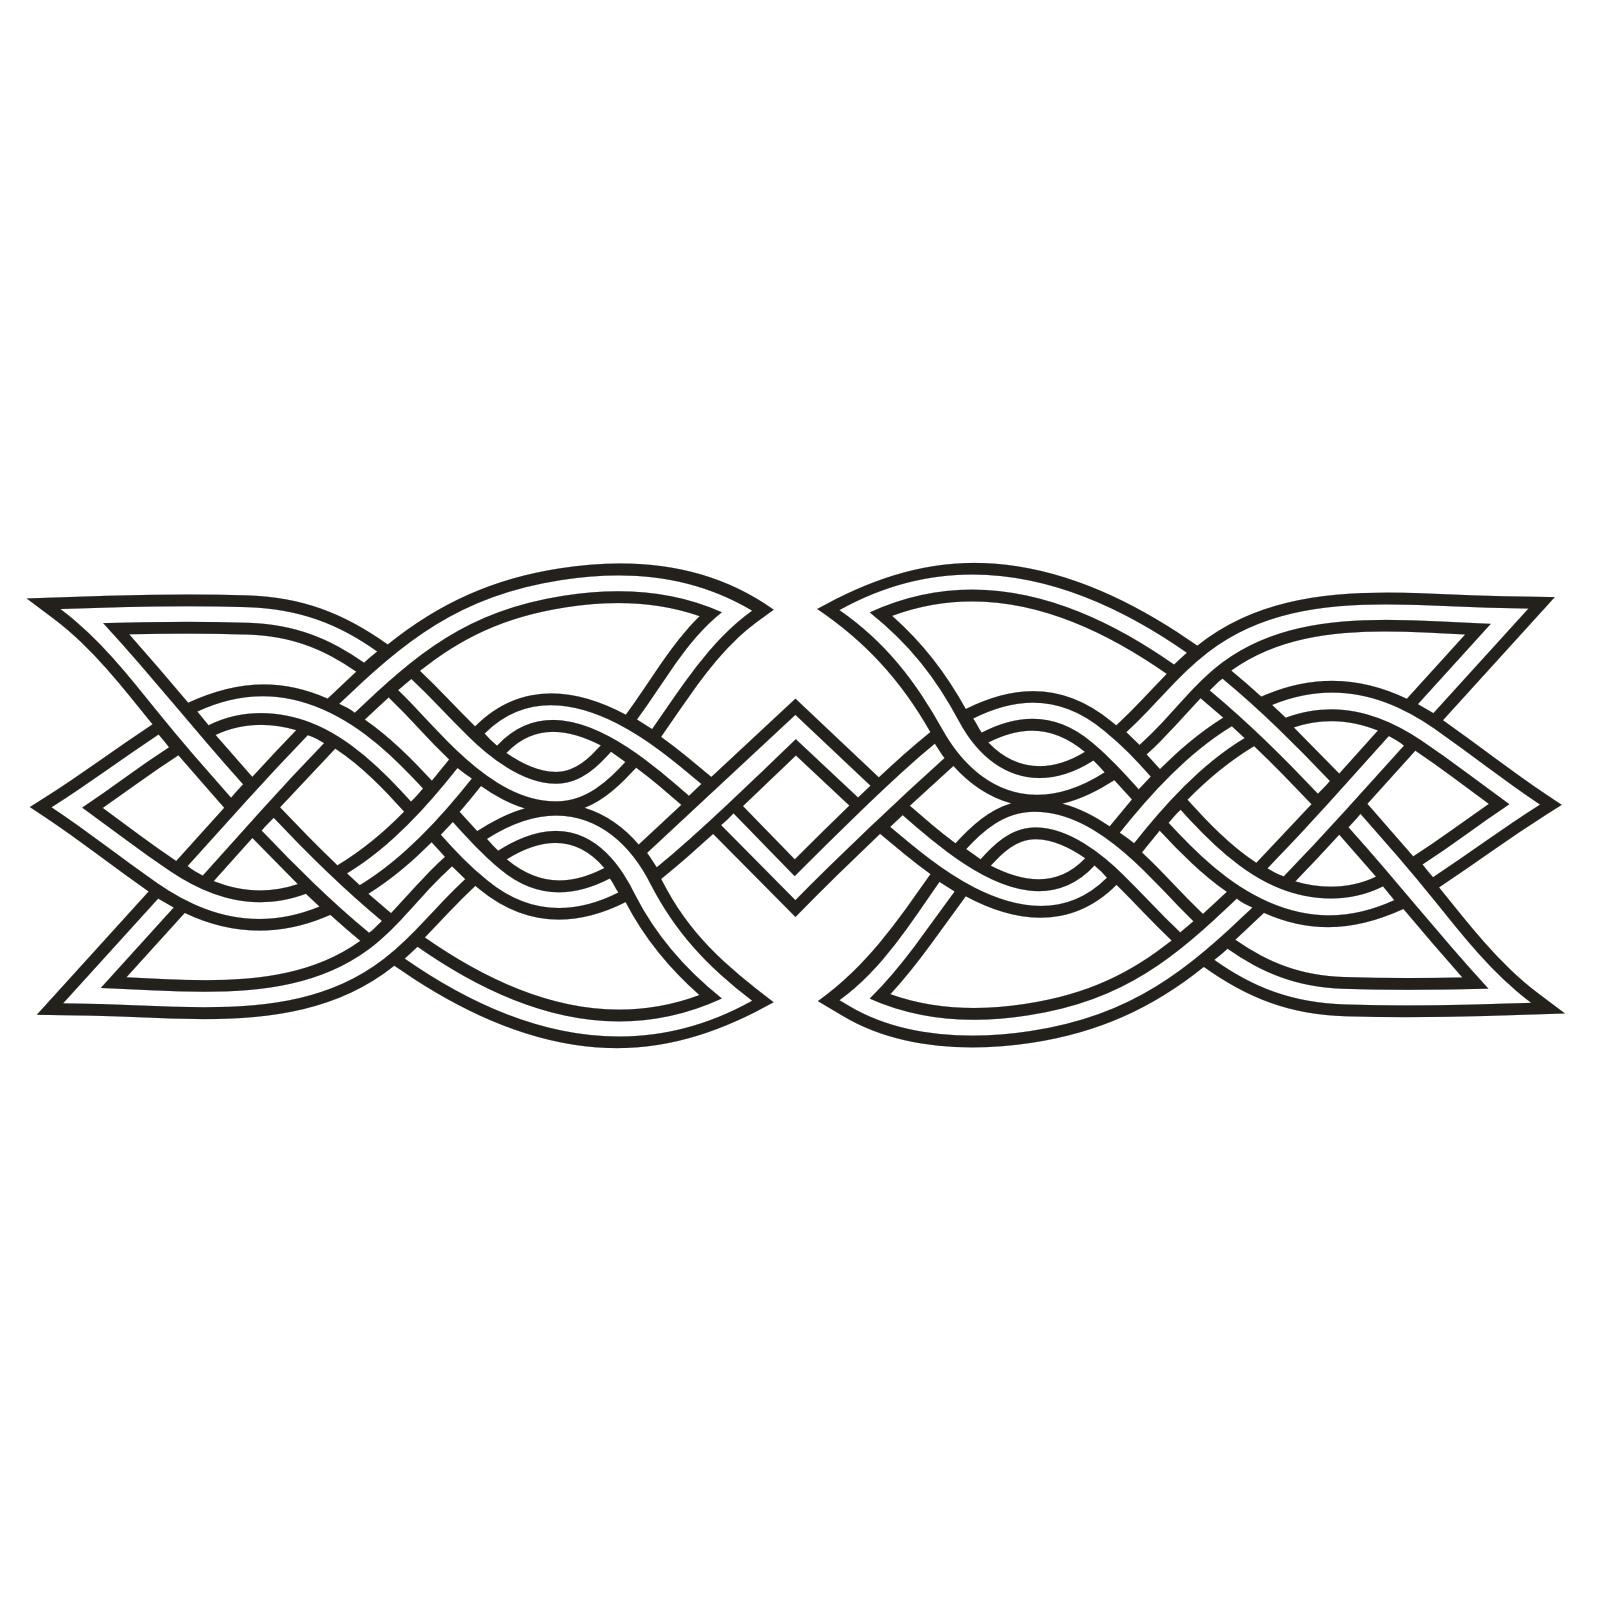 Kuche Zeichnen Symbole Geschirrspuler Salz Zeichen Geschirrspuler